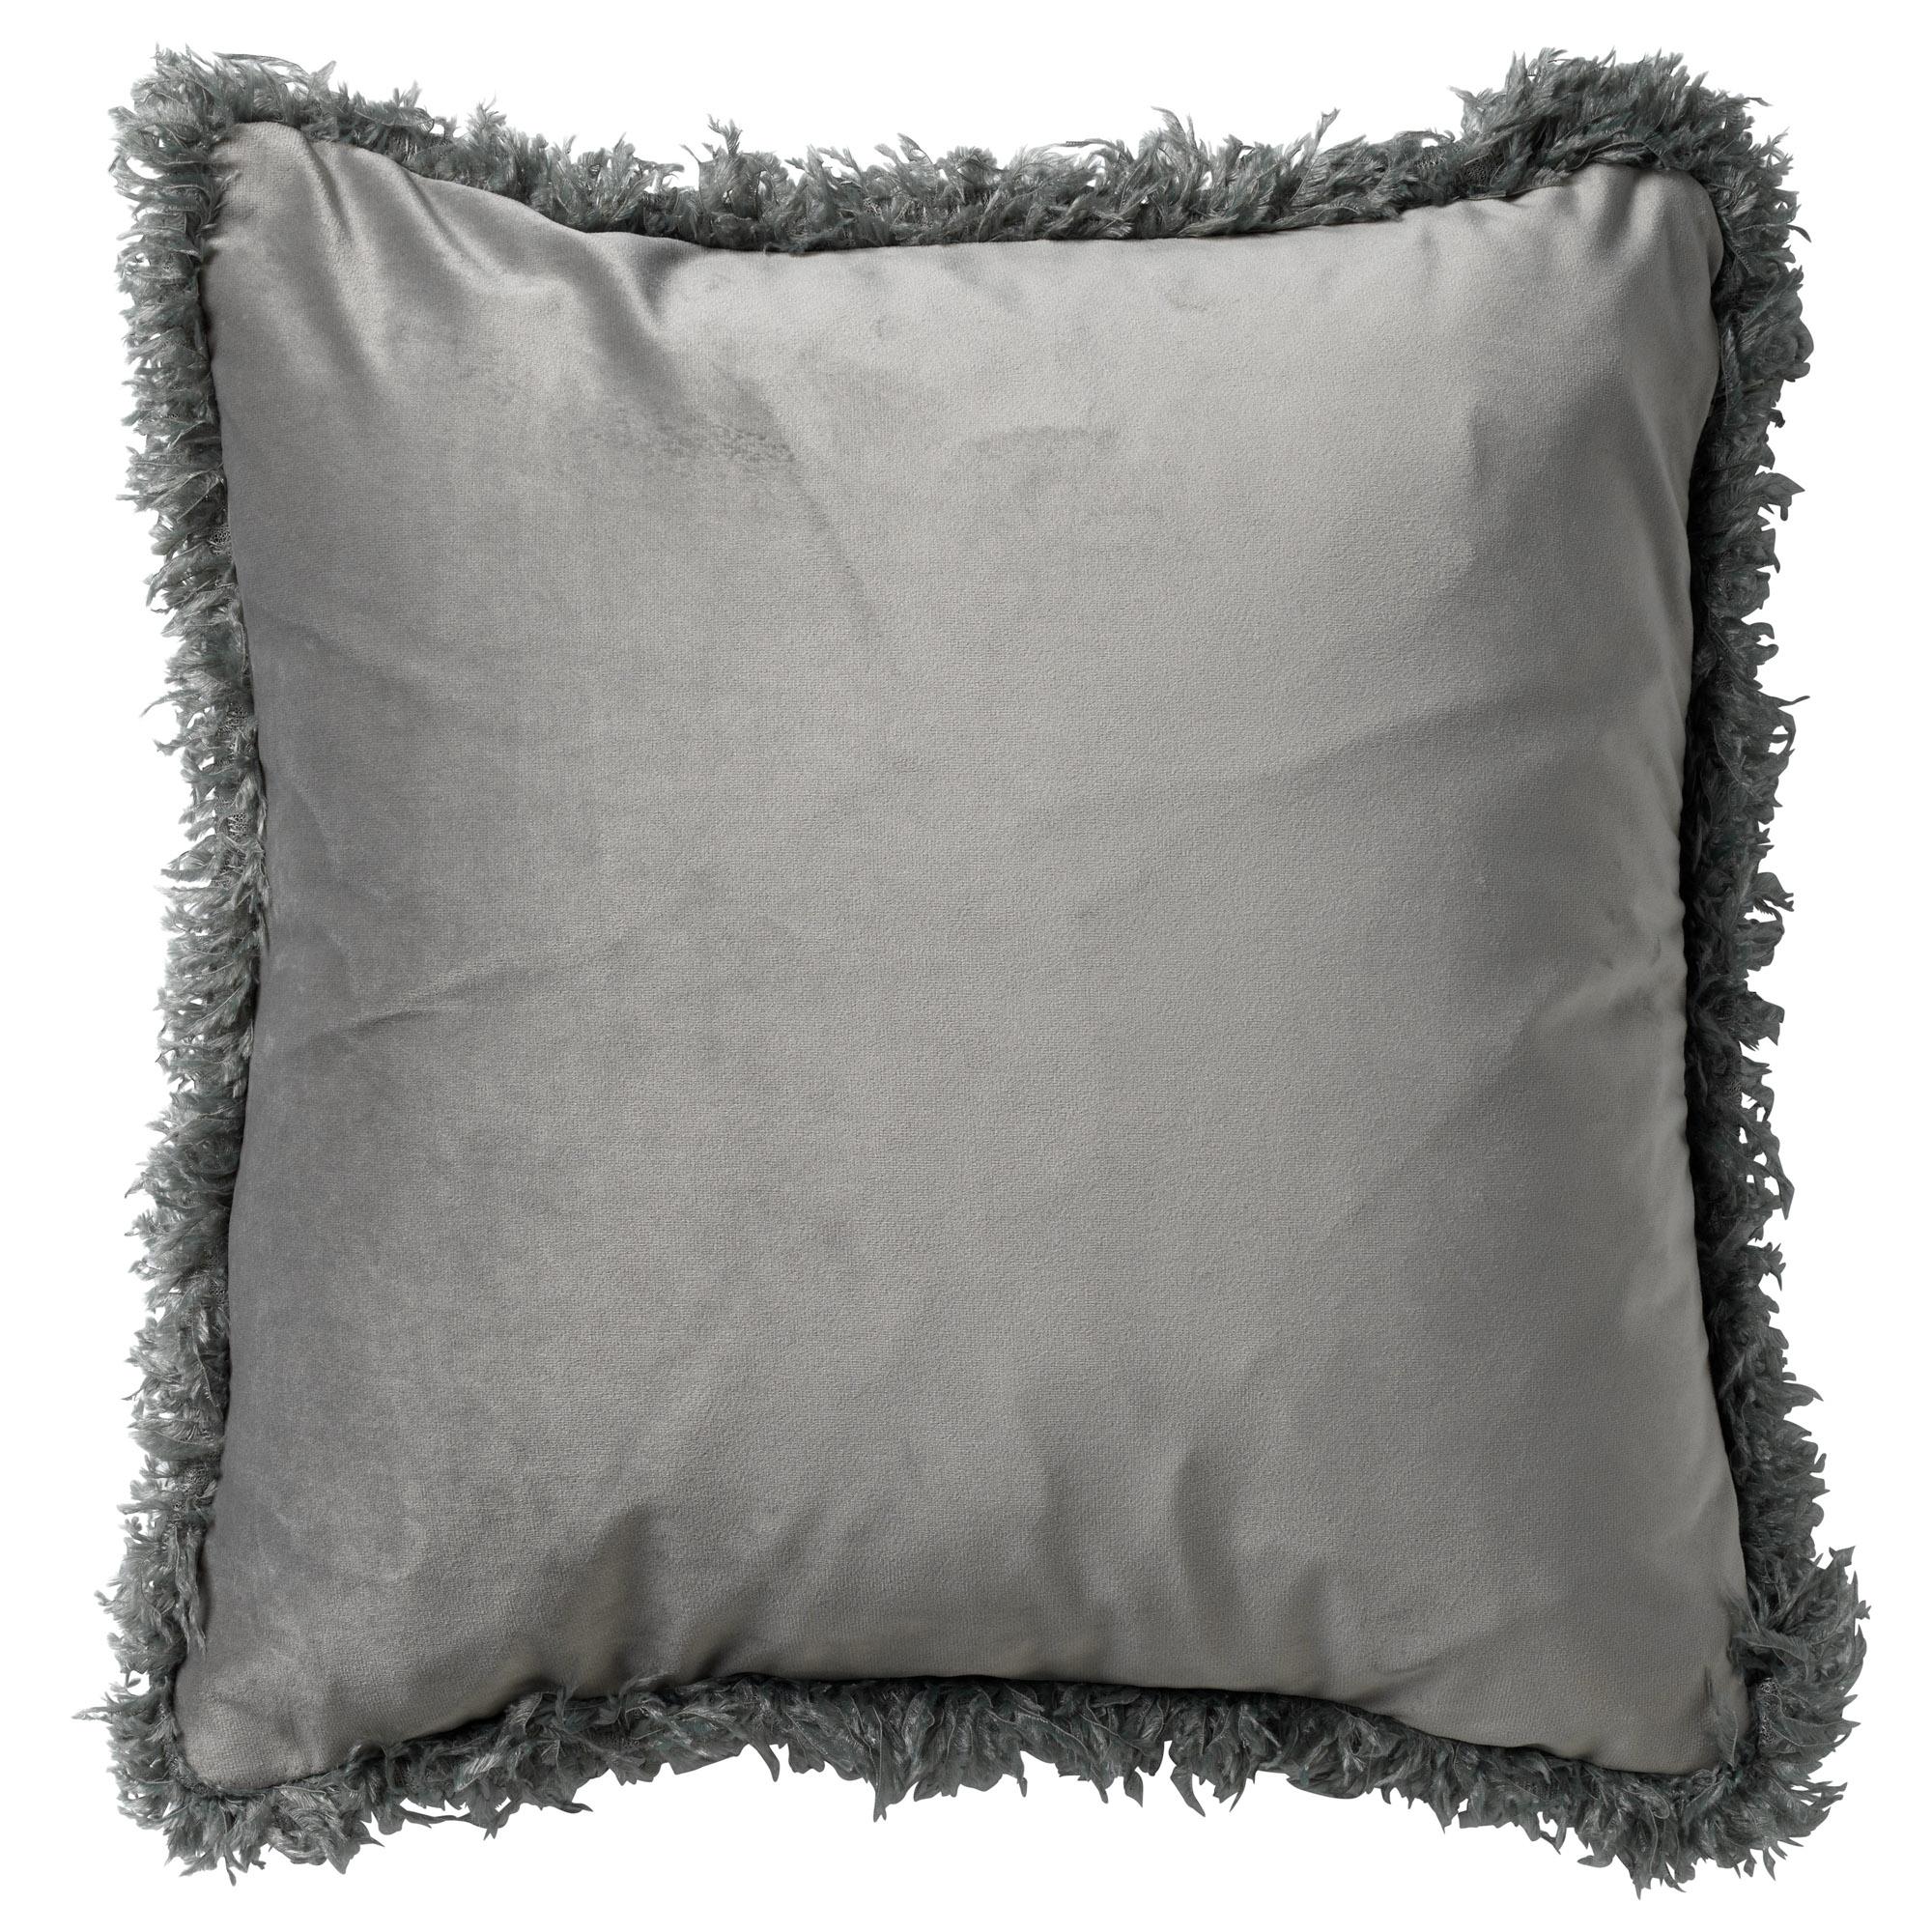 SAARA - Sierkussen velvet Jadeite 45x45 cm